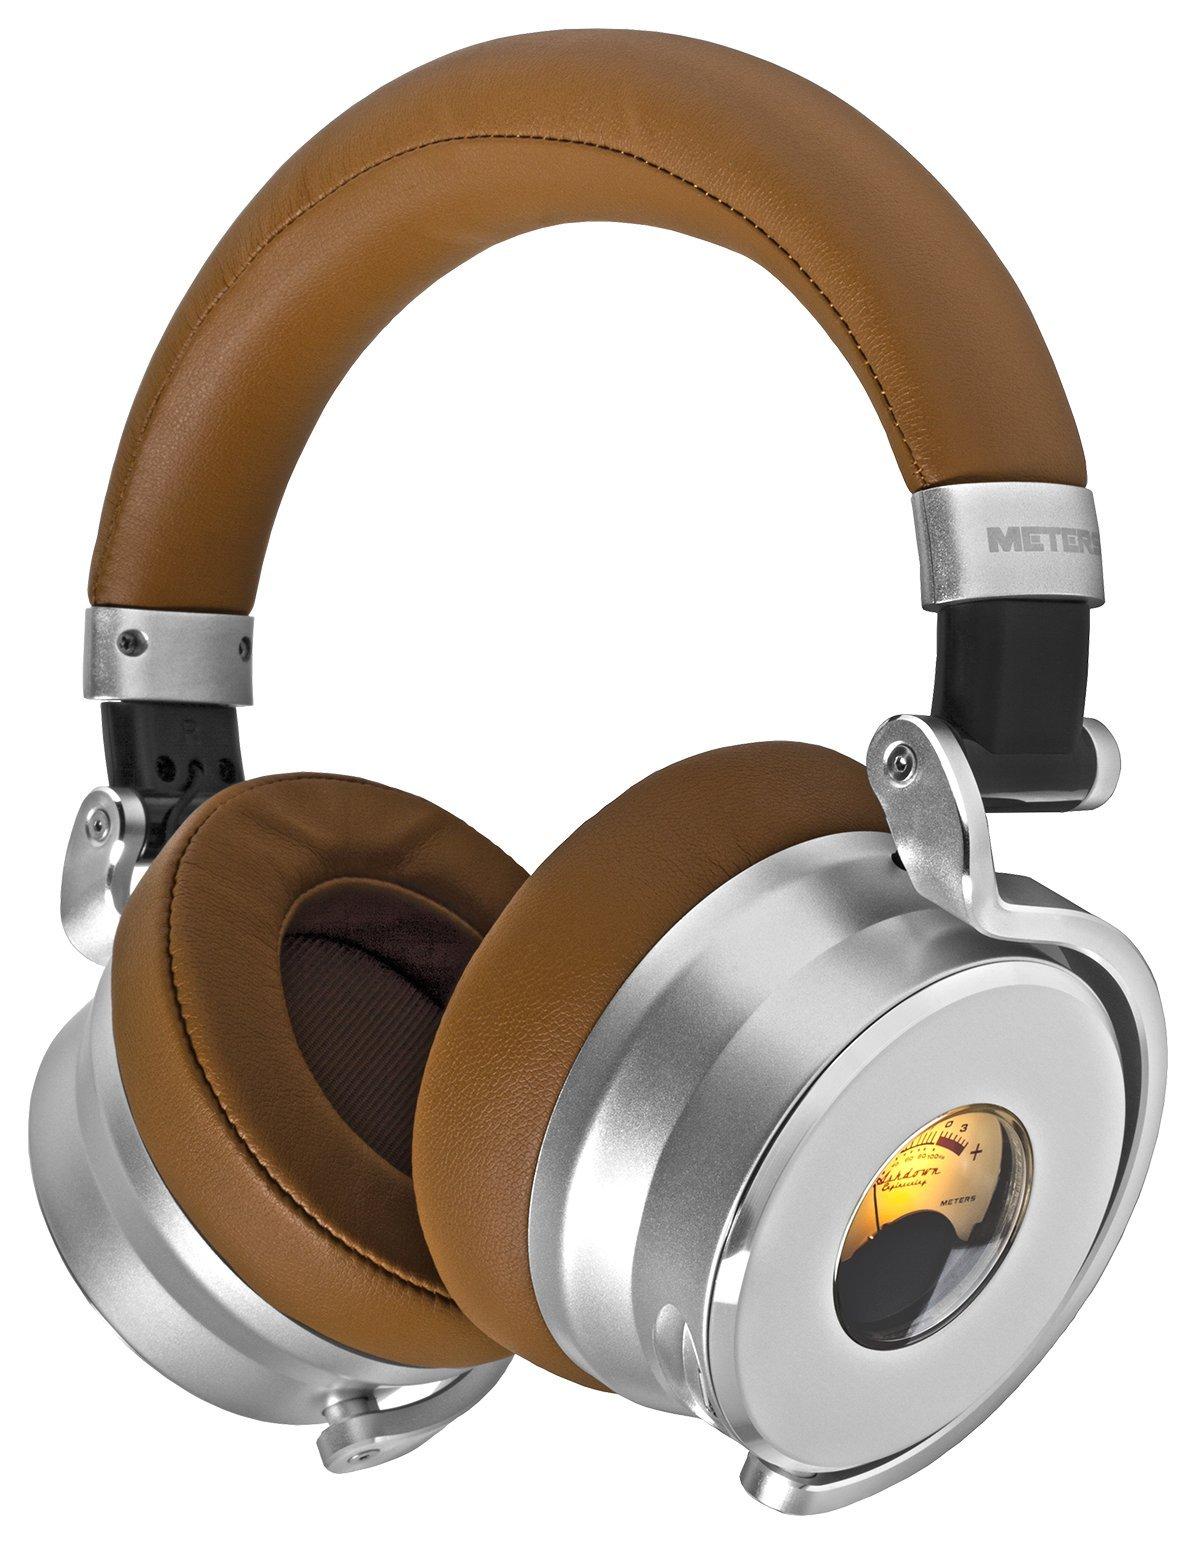 METERS MUSIC METERS Over Ear Headphone OV-1-TAN (Silver × Brown)【Japan Domestic genuine products】